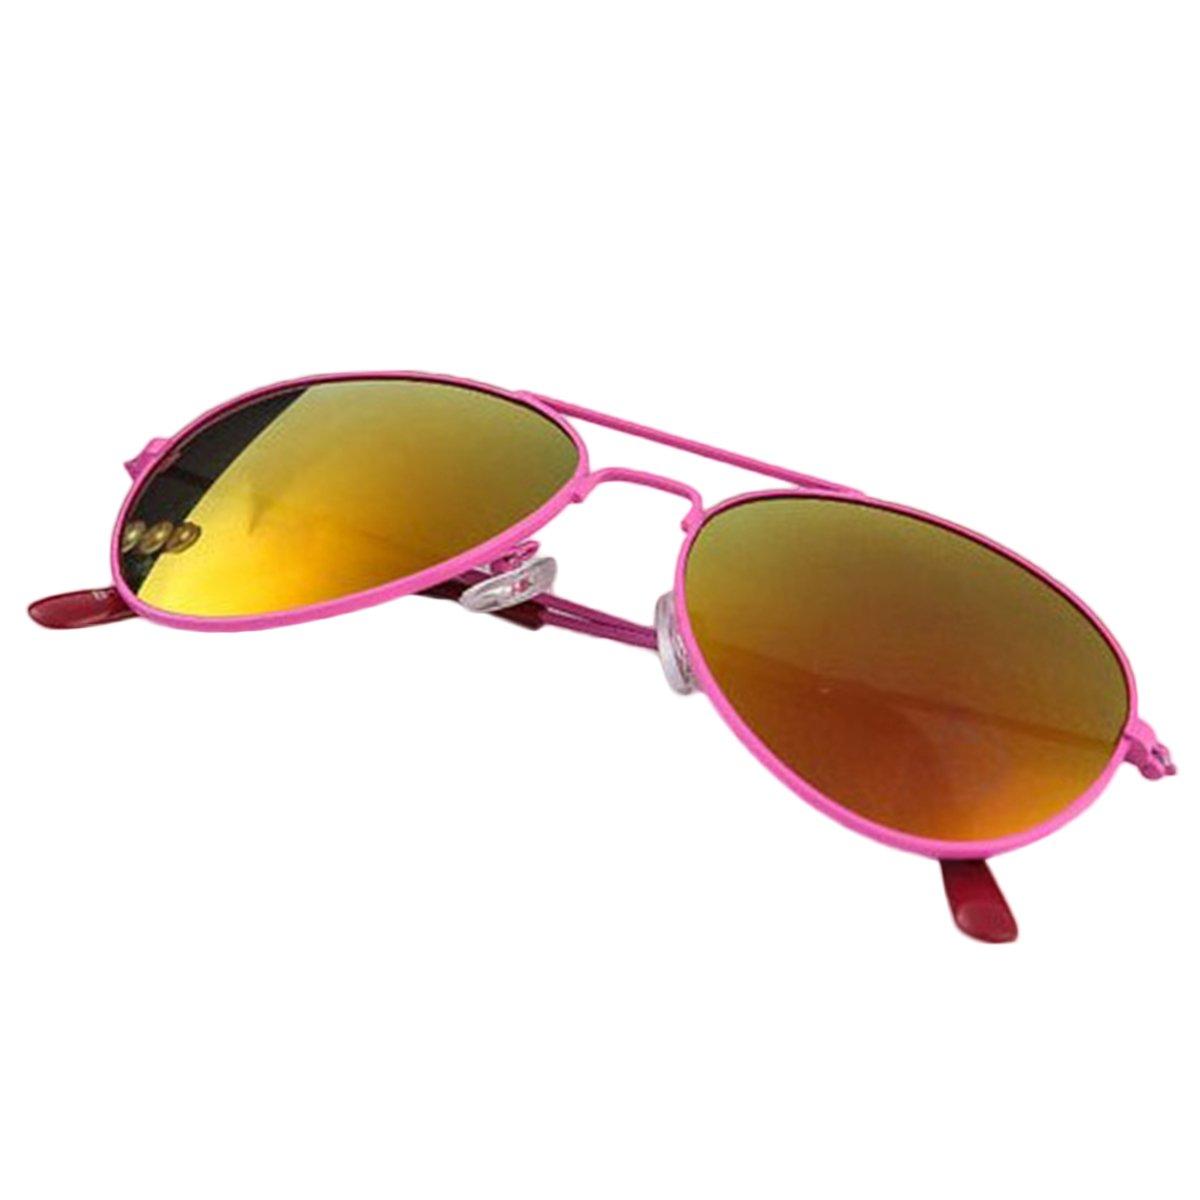 Zoylink Kids Occhiali Da Sole Outdoor Occhiali Da Sole Reflective UV Protection Occhiali Da Sole Polarizzati Per Ragazze